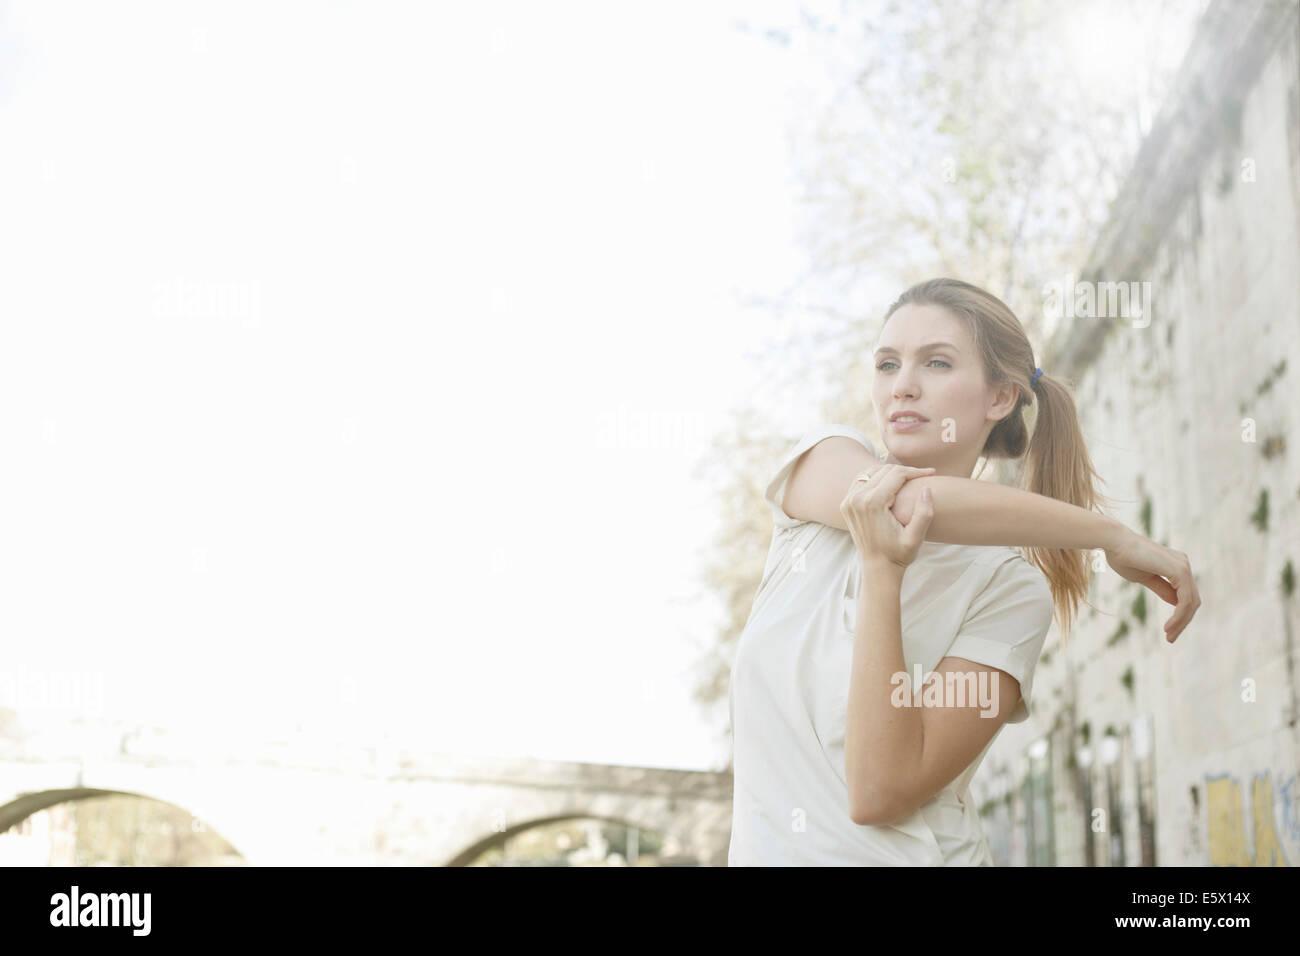 Mujer joven brazo estiramiento antes del ejercicio Imagen De Stock